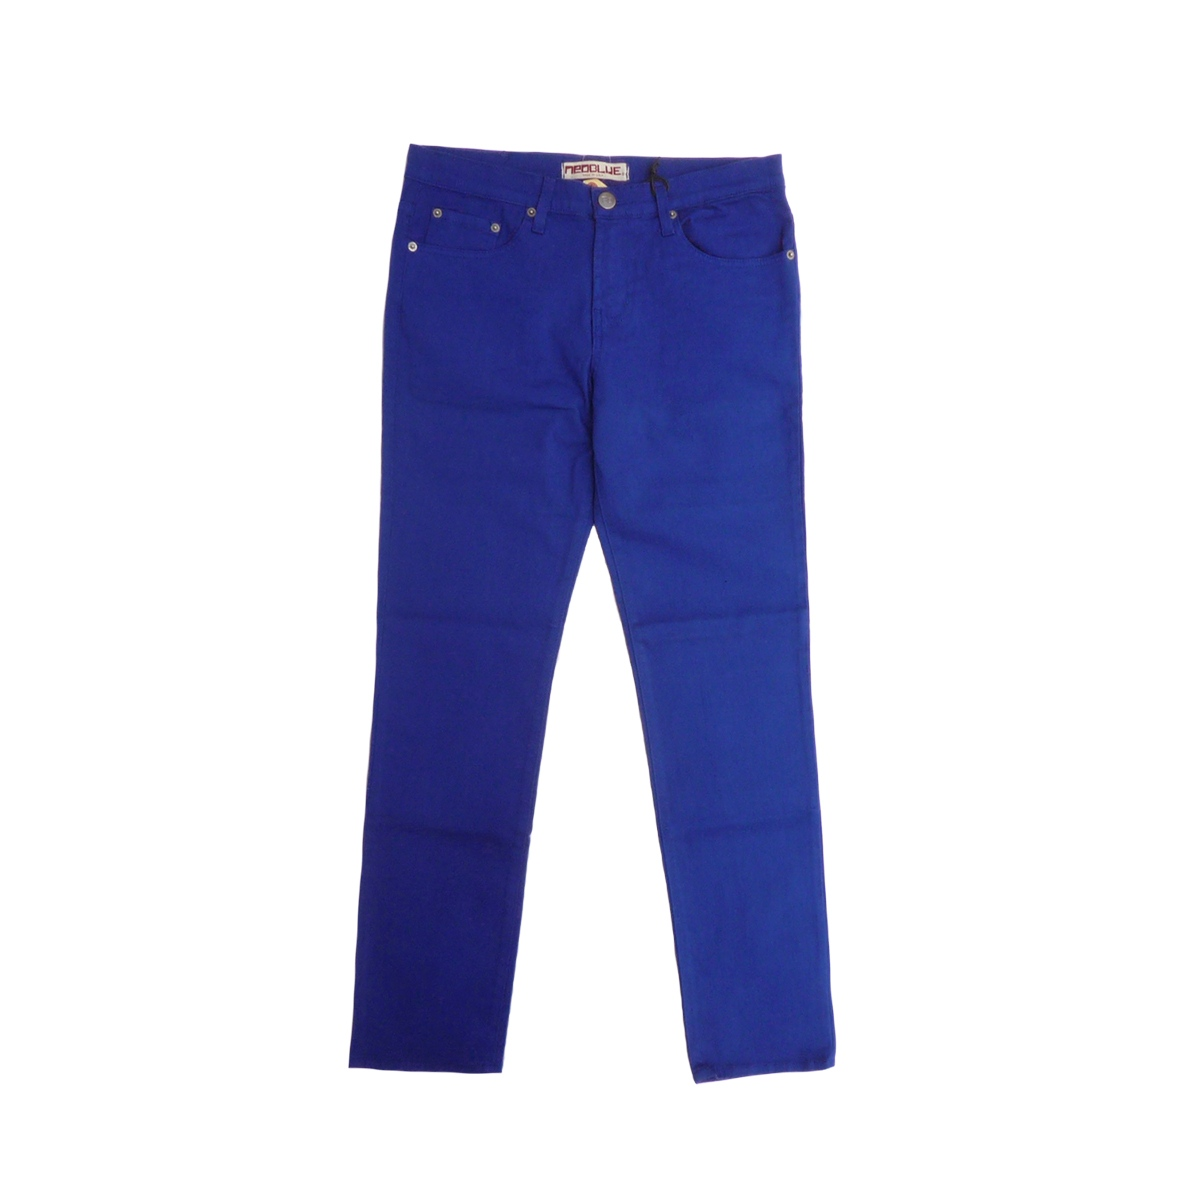 画像1: NEO BLUE ネオブルー SKINNY PANTS ROYAL メンズ (1)